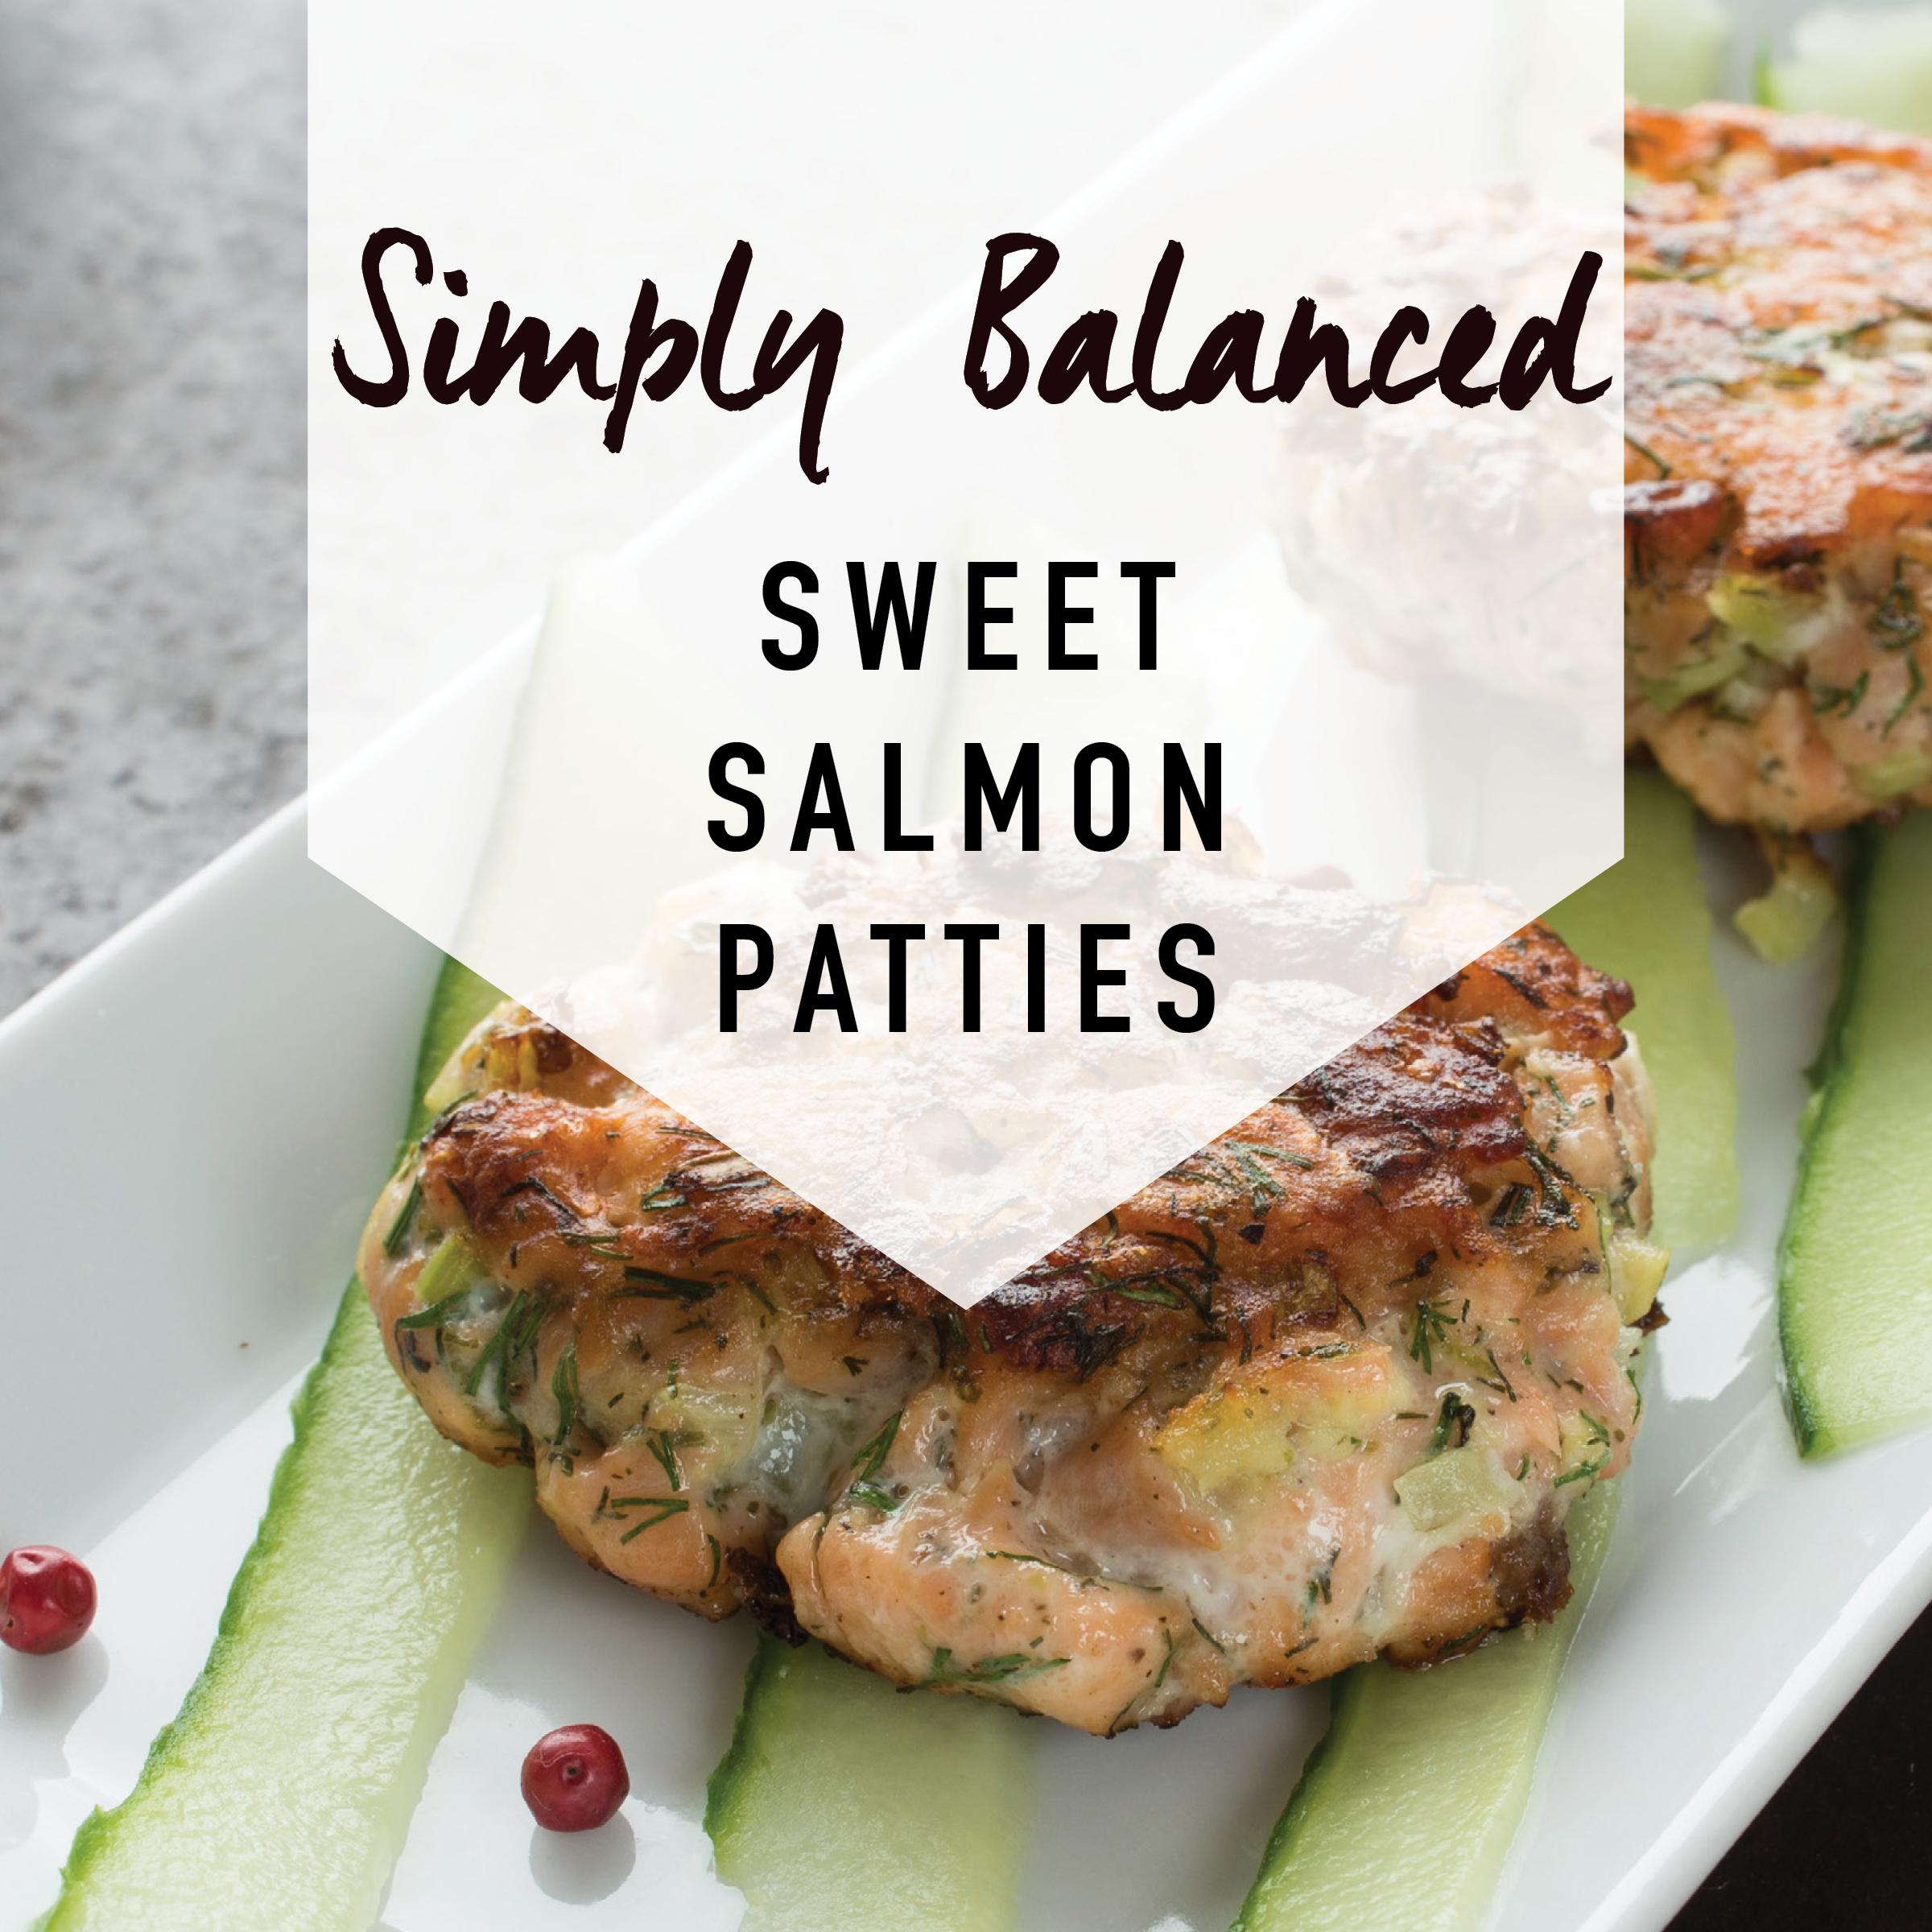 Salmon Patties recipe image.jpg